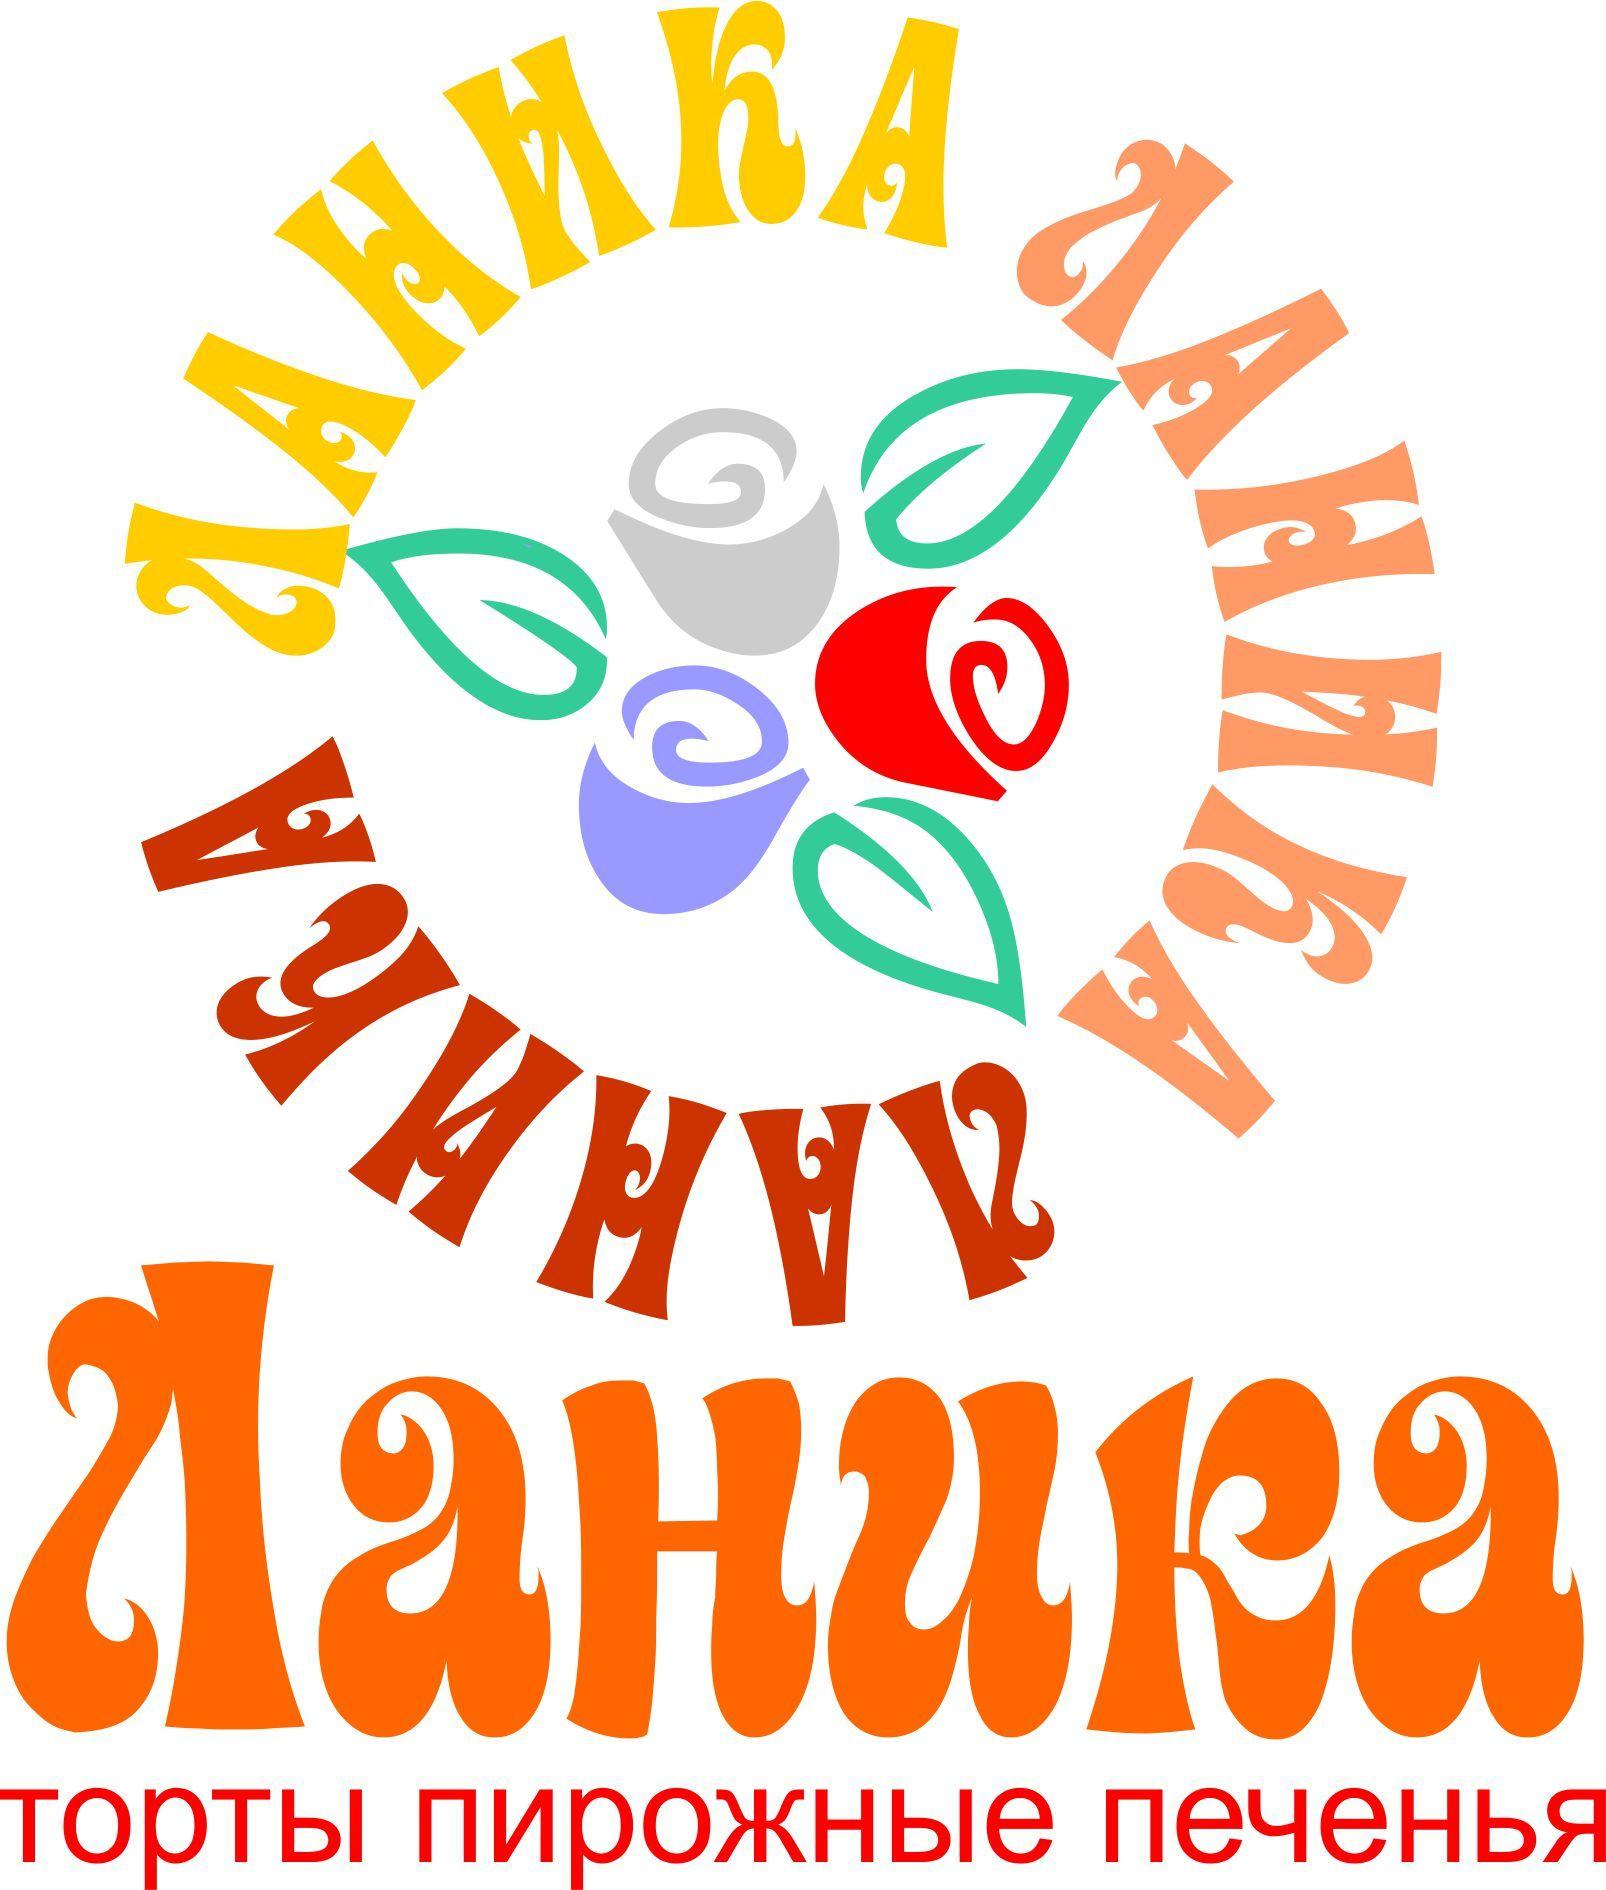 Лого ИМ тортов,пирожных и печенья ручной работы - дизайнер visento